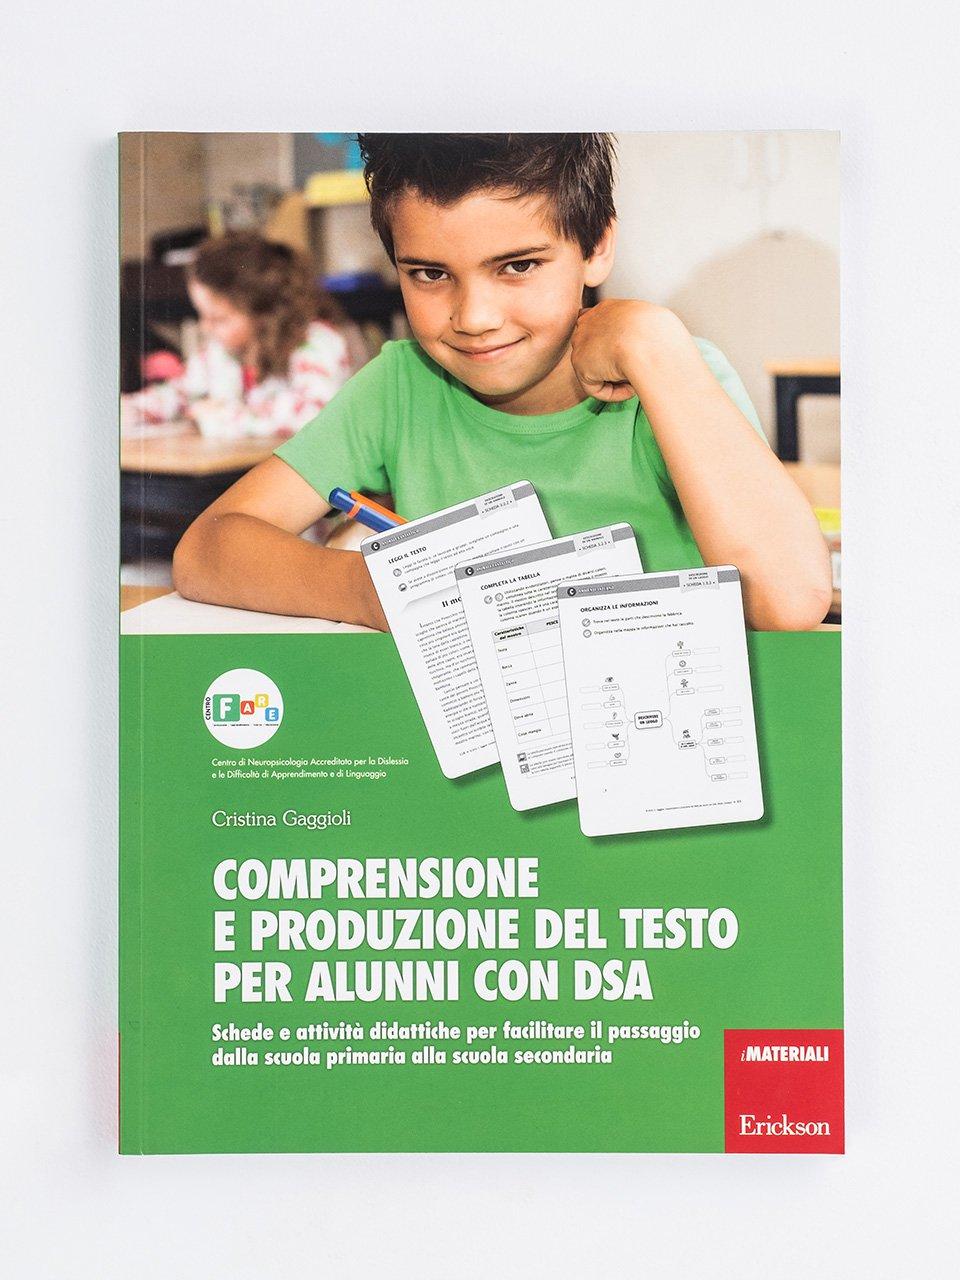 Comprensione e produzione del testo per alunni con DSA - Italiano in terza con il metodo analogico - Libri - Erickson